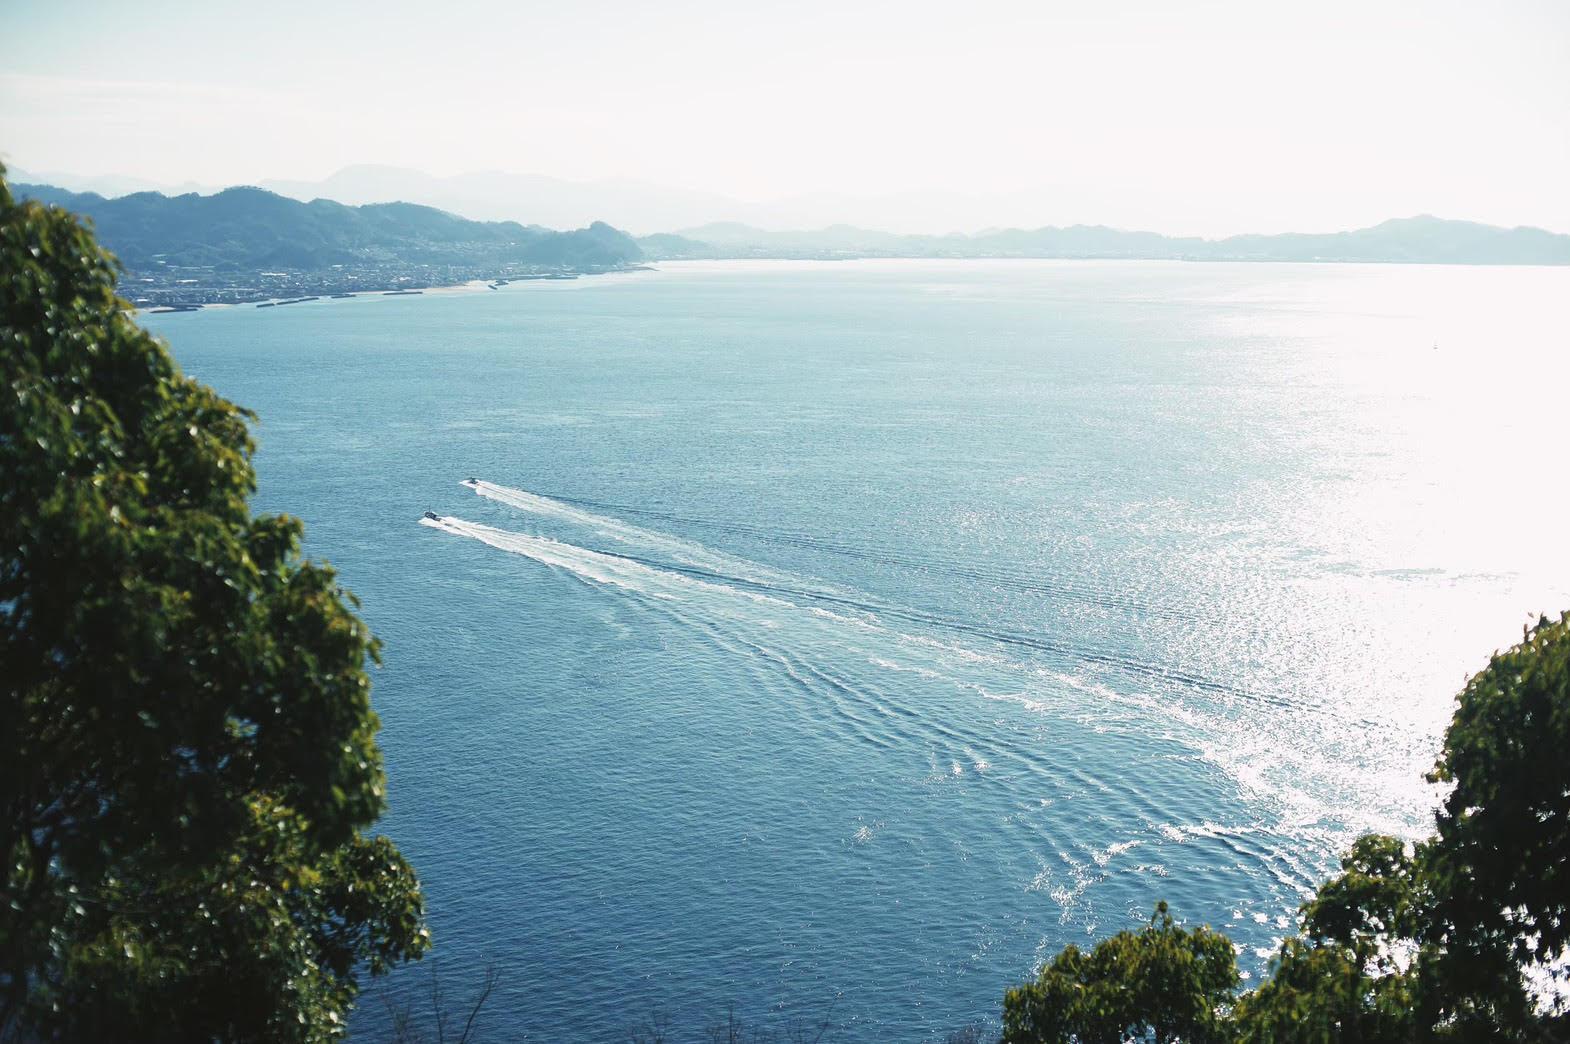 Facebookに「夏の定番!北条鹿島へ行こう!」の記事を投稿しました